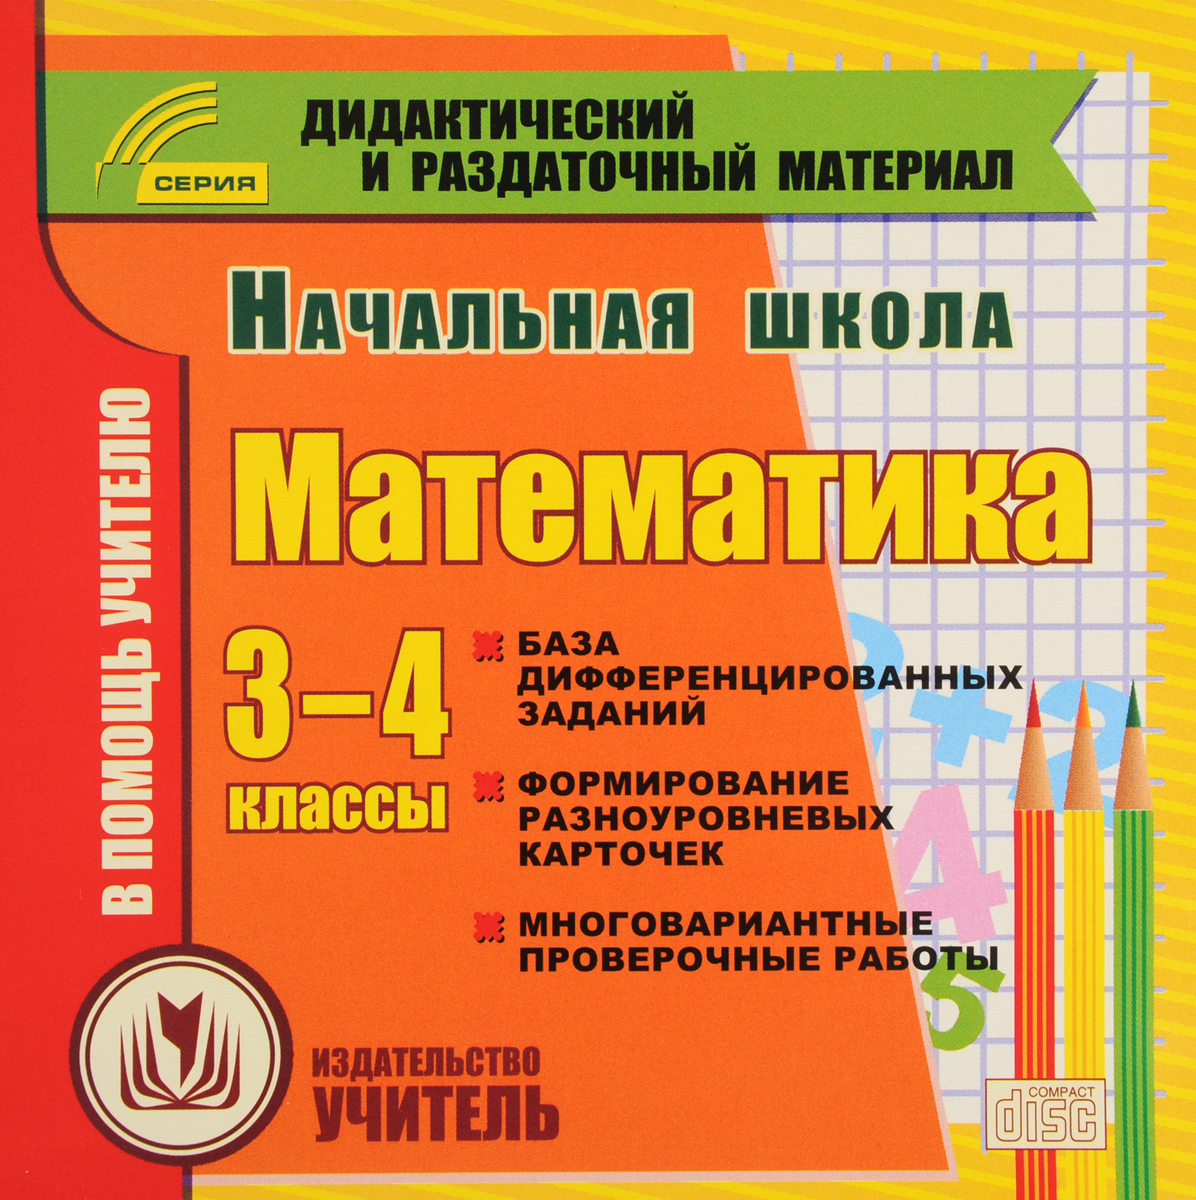 Начальная школа. Математика. 3-4 классы. Сборник дифференцированных заданий. Формирование разноуровневых карточек. Многовариантные проверочные работы